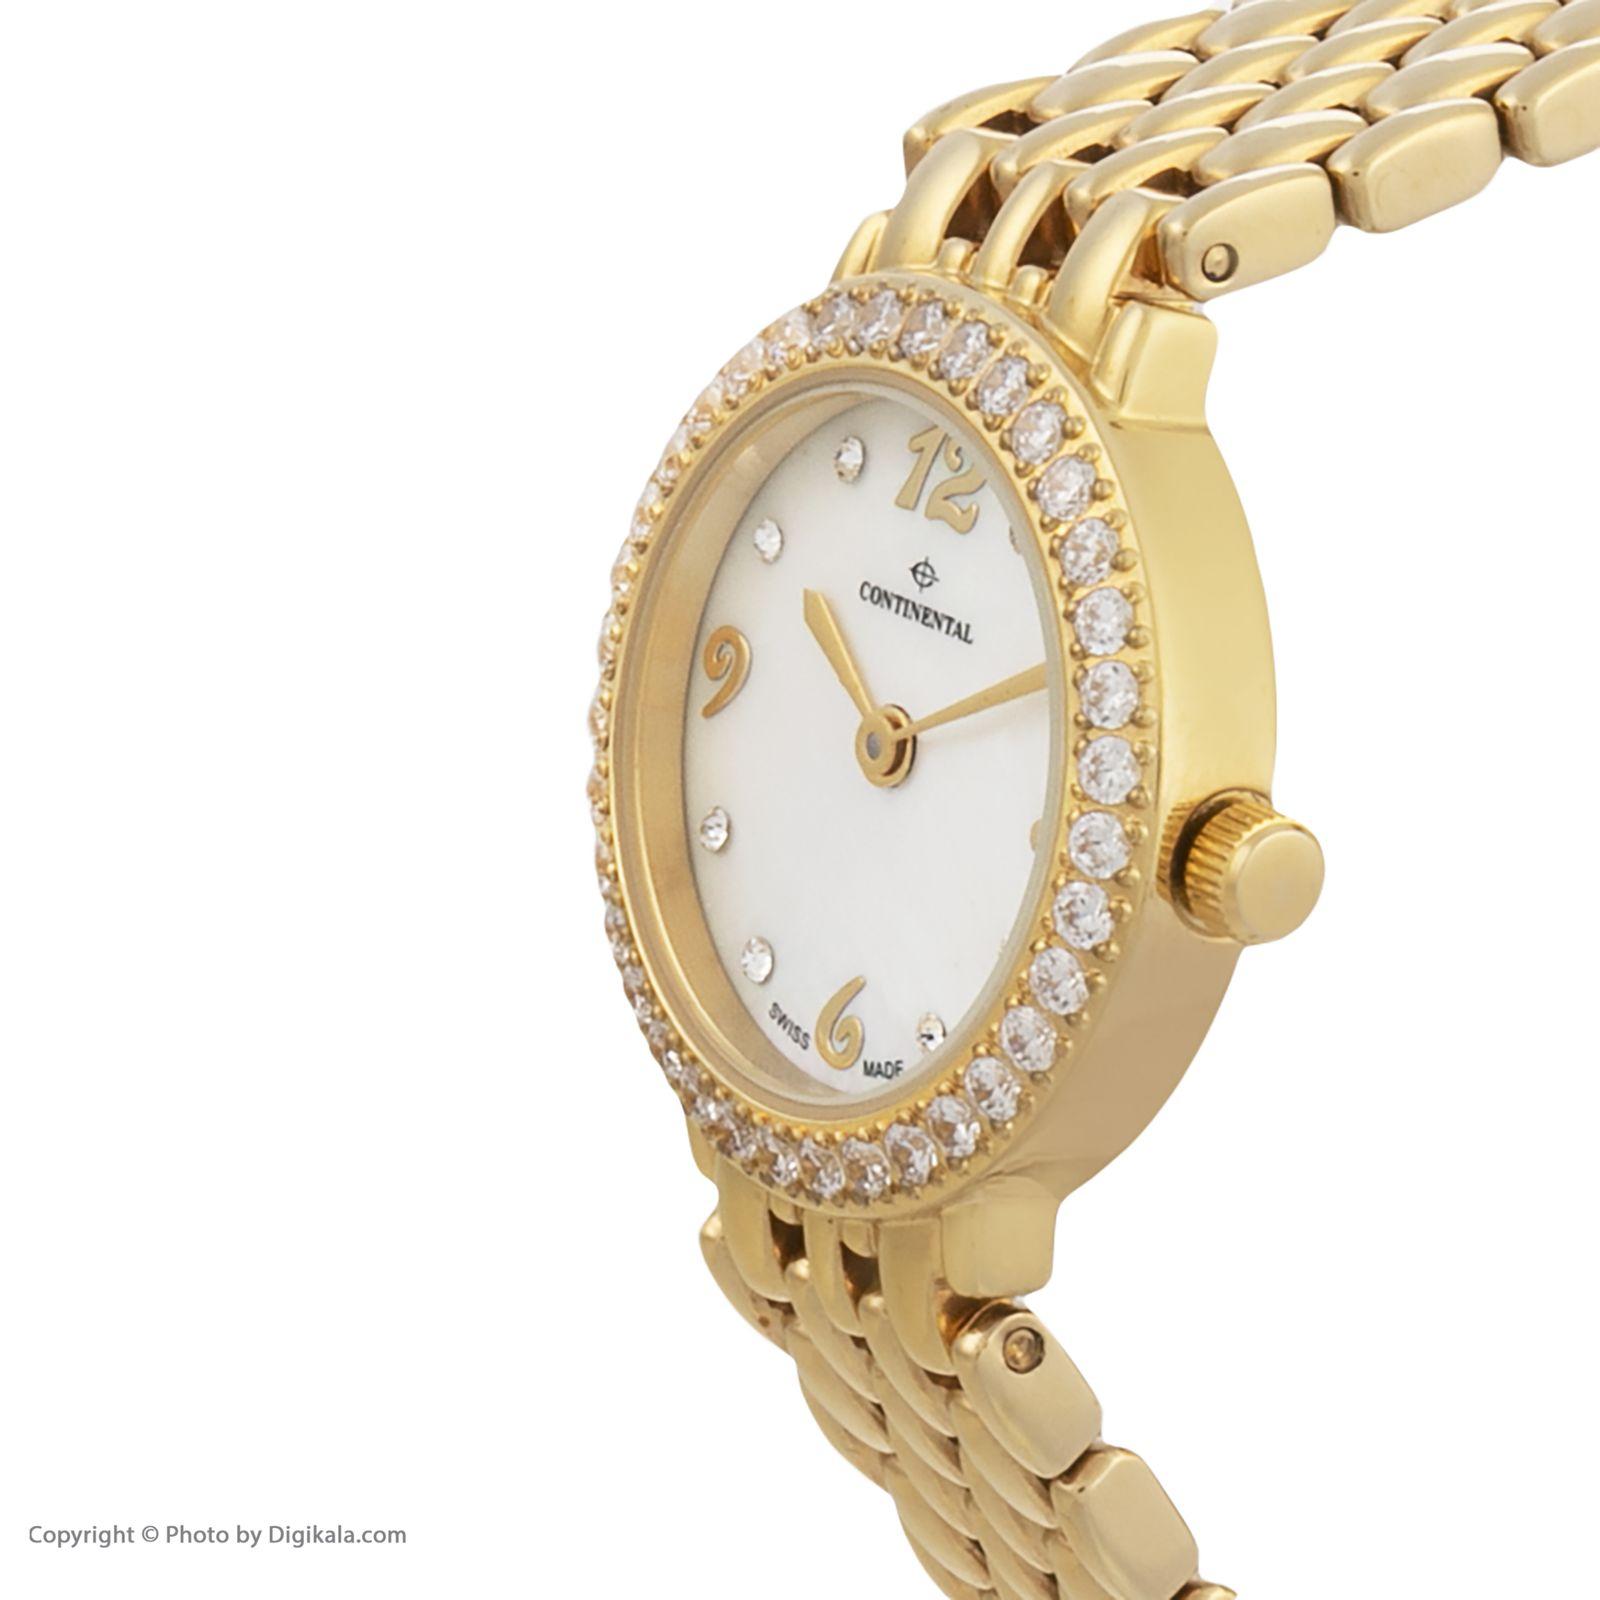 ساعت مچی عقربه ای زنانه کنتیننتال مدل 3004-LT202521 -  - 3